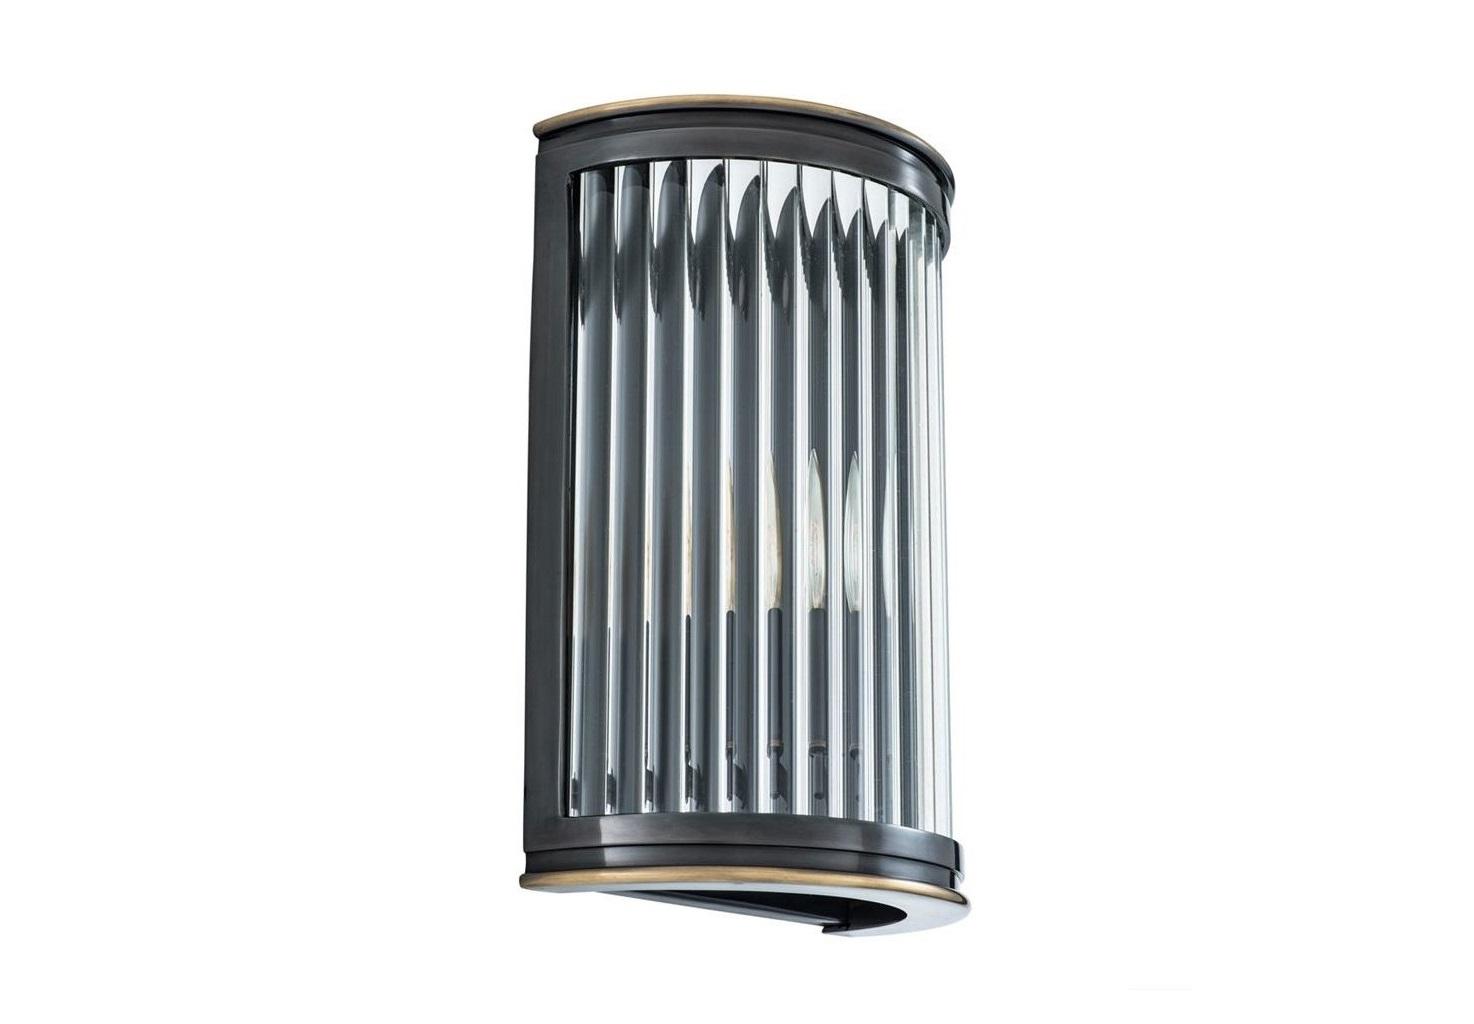 Настенный светильникБра<br>Настенный светильник Wall Lamp Alice выполнен из металла цвета пушечная бронза. Плафон выполнен из прозрачного фактурного стекла.&amp;lt;div&amp;gt;&amp;lt;br&amp;gt;&amp;lt;/div&amp;gt;&amp;lt;div&amp;gt;&amp;lt;div&amp;gt;Тип цоколя: E14&amp;lt;/div&amp;gt;&amp;lt;div&amp;gt;Мощность: 40W&amp;lt;/div&amp;gt;&amp;lt;div&amp;gt;Кол-во ламп: 1 (нет в комплекте)&amp;lt;/div&amp;gt;&amp;lt;/div&amp;gt;<br><br>Material: Металл<br>Ширина см: 21<br>Высота см: 31<br>Глубина см: 11